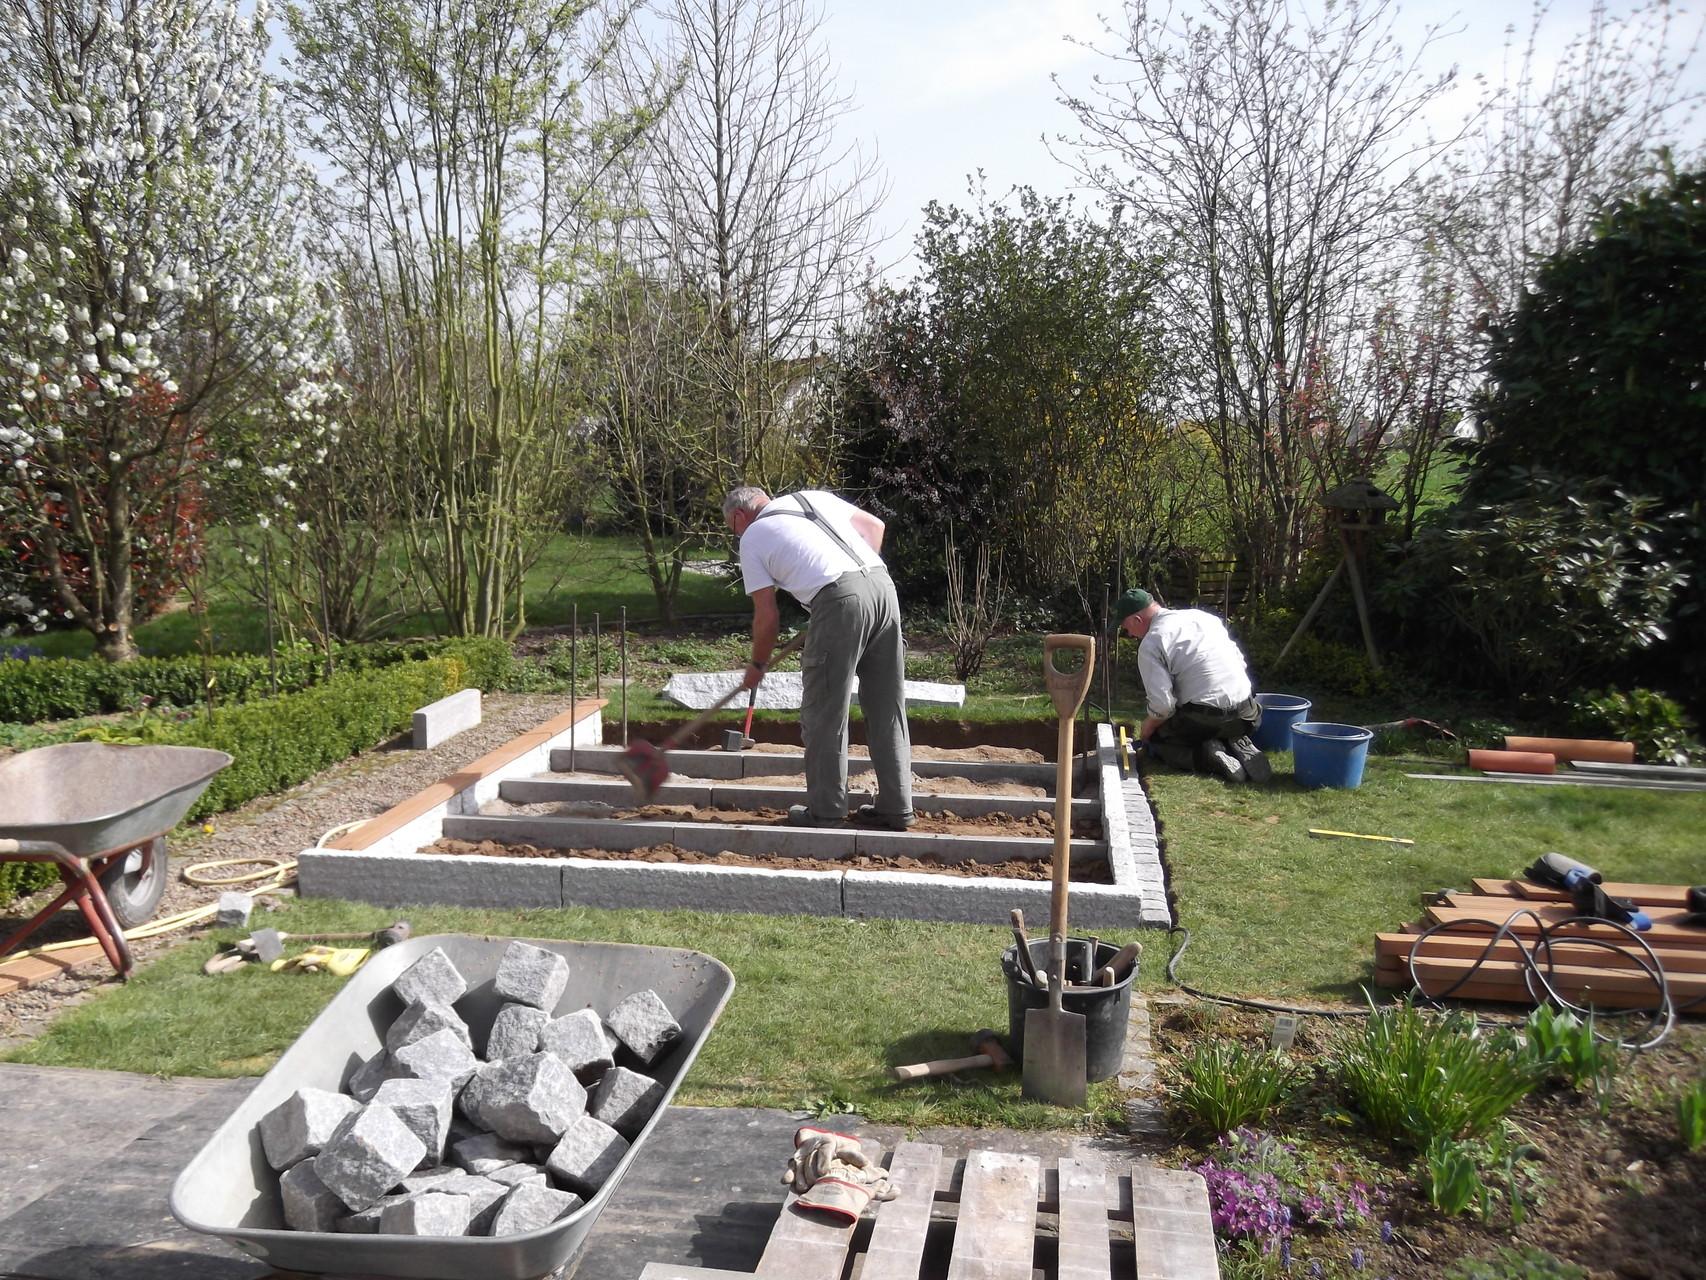 Korfmacher Gartengestaltung lässt ein Gartendeck entstehen: ein Sitzplatz im Garten mit solidem Fundament.